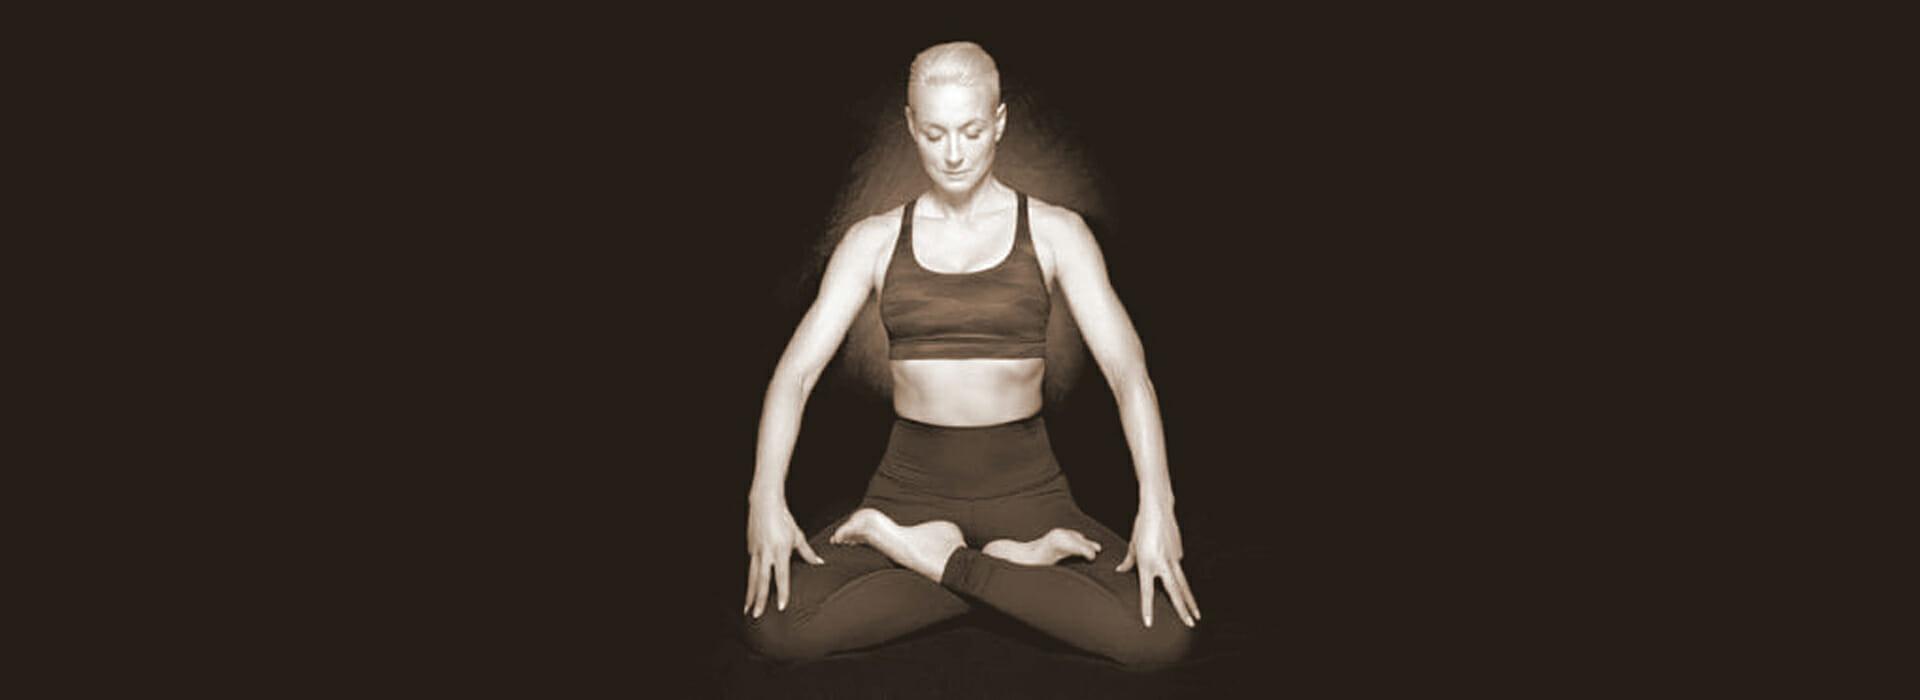 Spirit Yoga Lehrer-Ausbildung – Die Ausbildung und Weiterbildung für Yogalehrer in Berlin